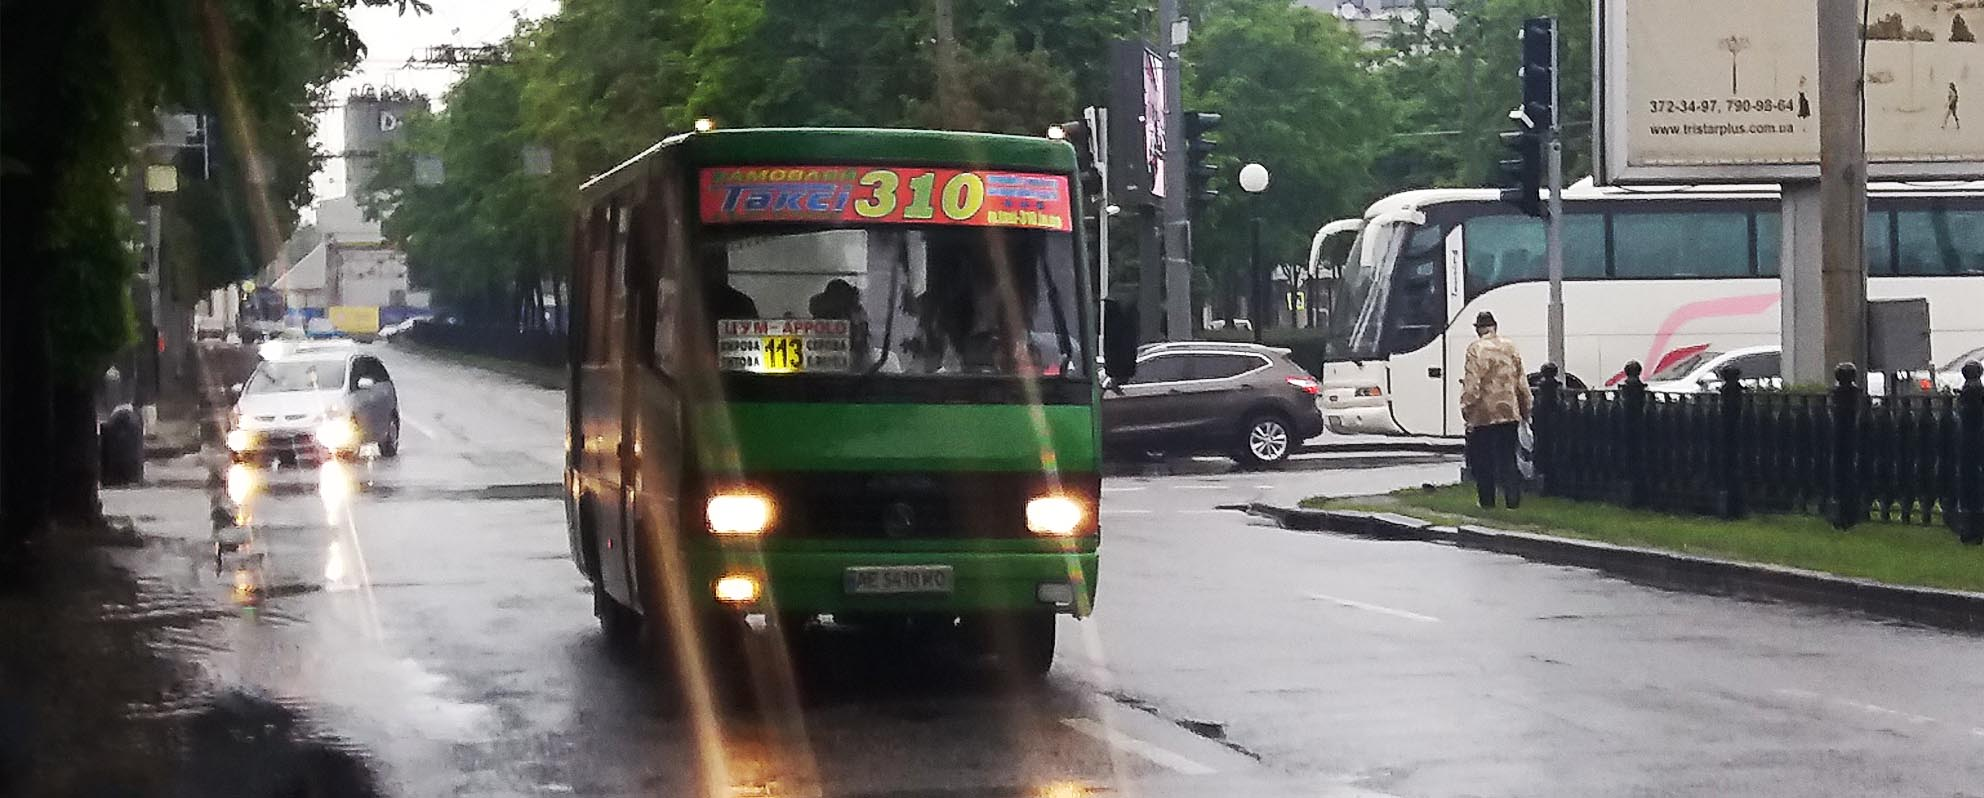 Размещение рекламы Такси 310 на маршрутках